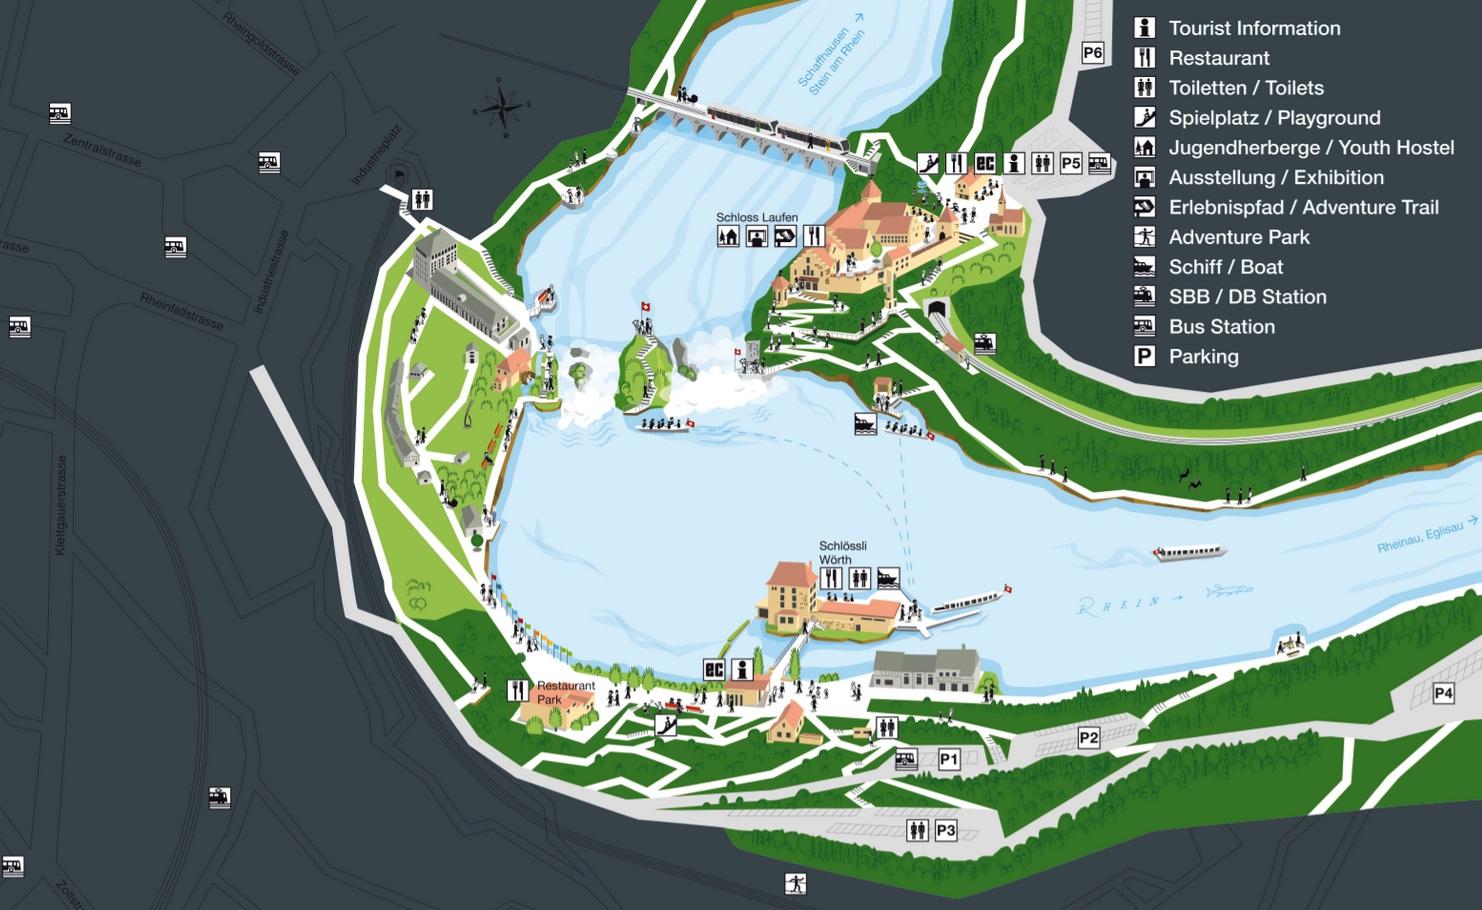 Rheinfall, la gran catarata europea - 6169816109 73e8266131 o - Rheinfall, la gran catarata europea